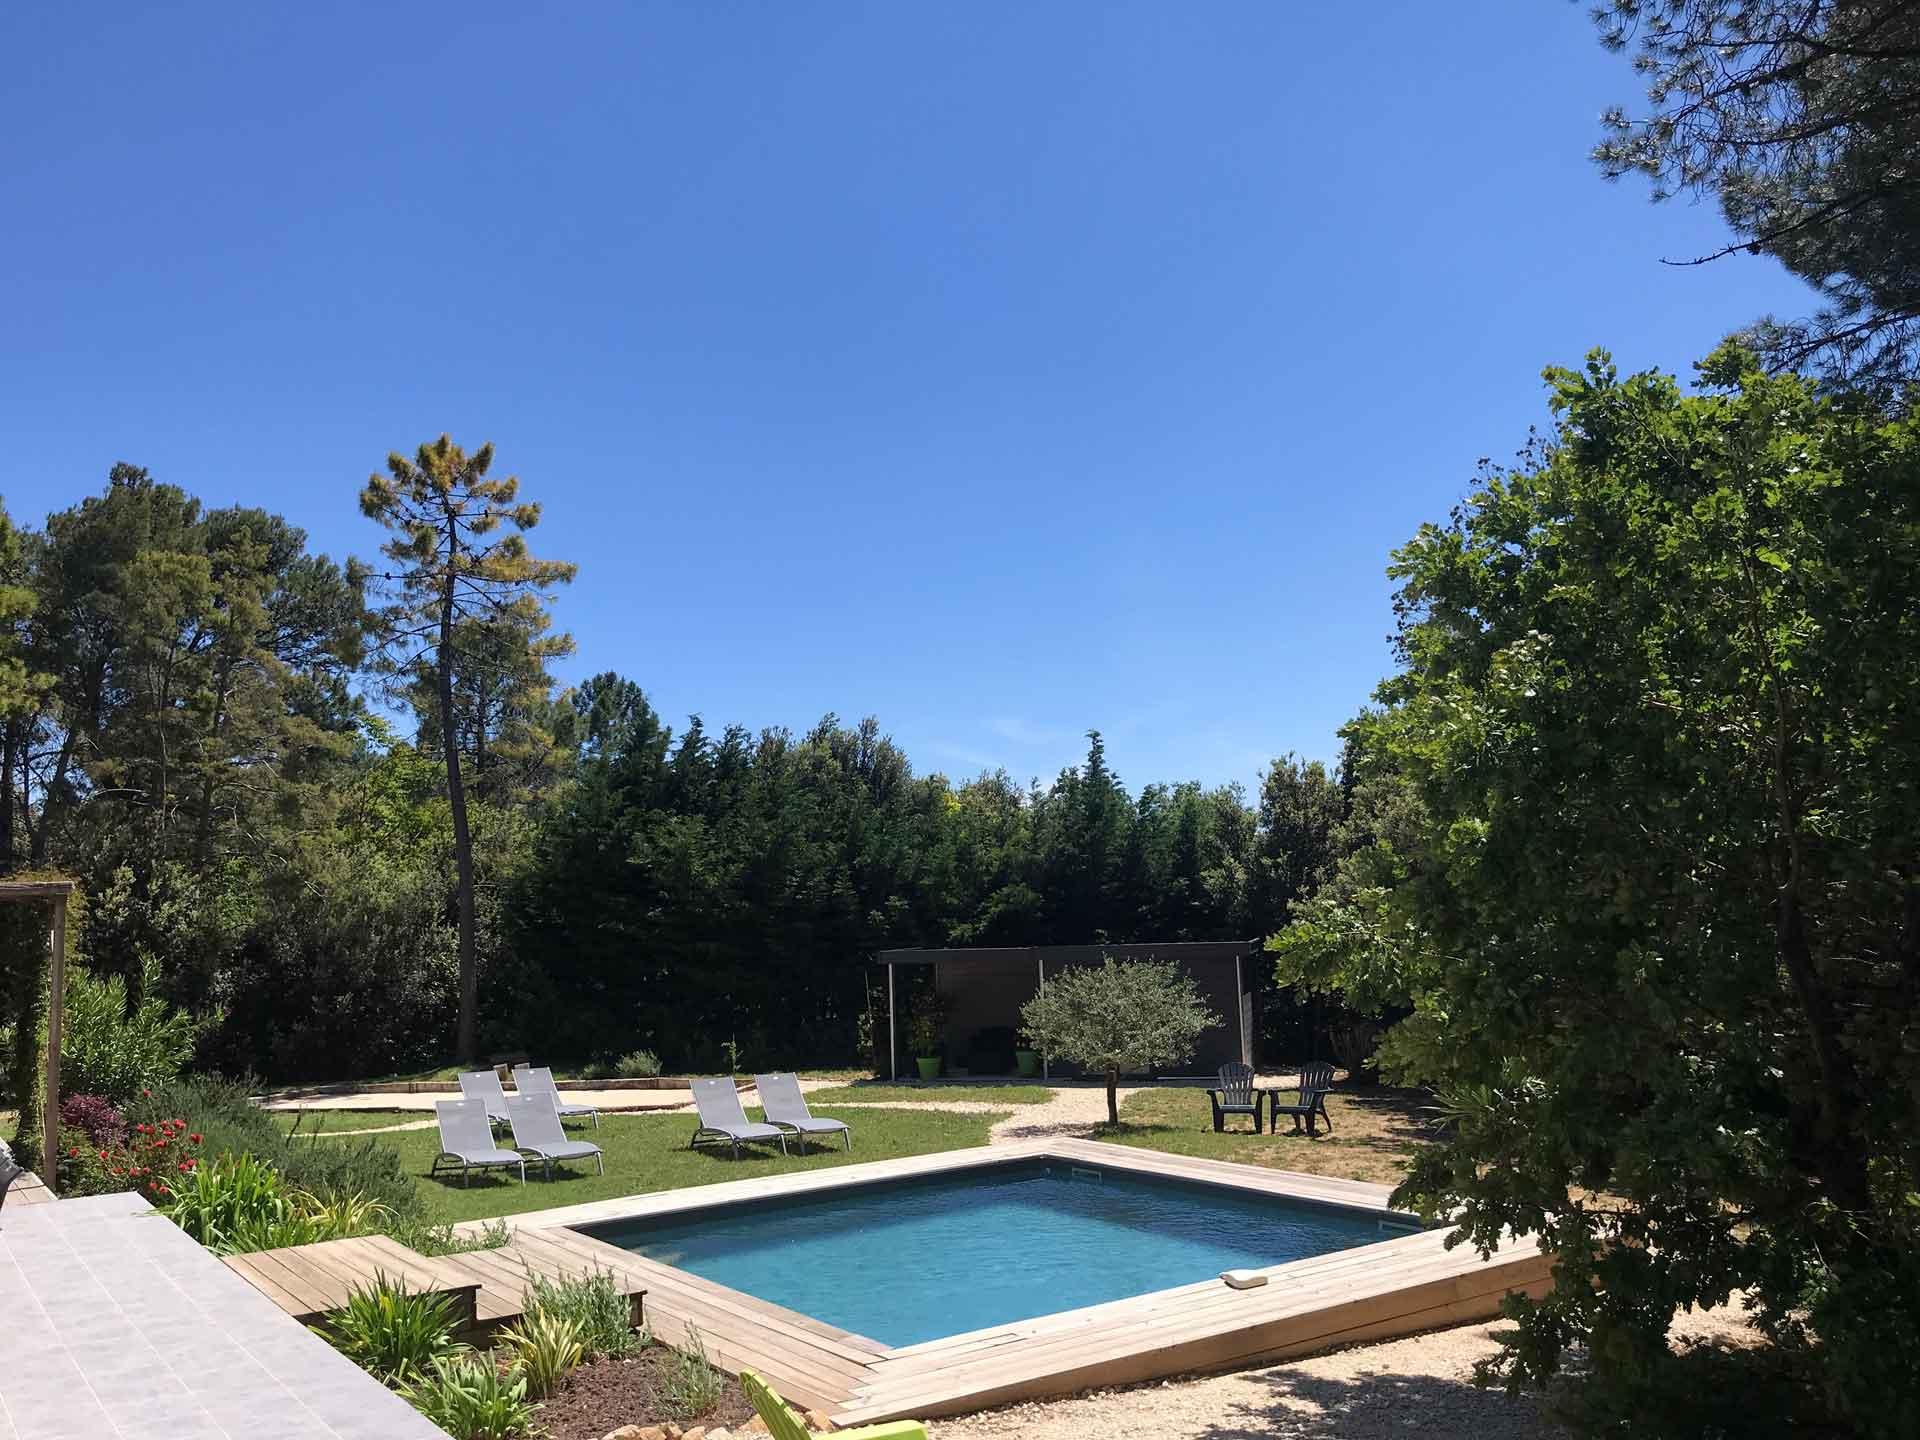 Chambres d'hôtes en ardèche du sud avec piscine chauffée